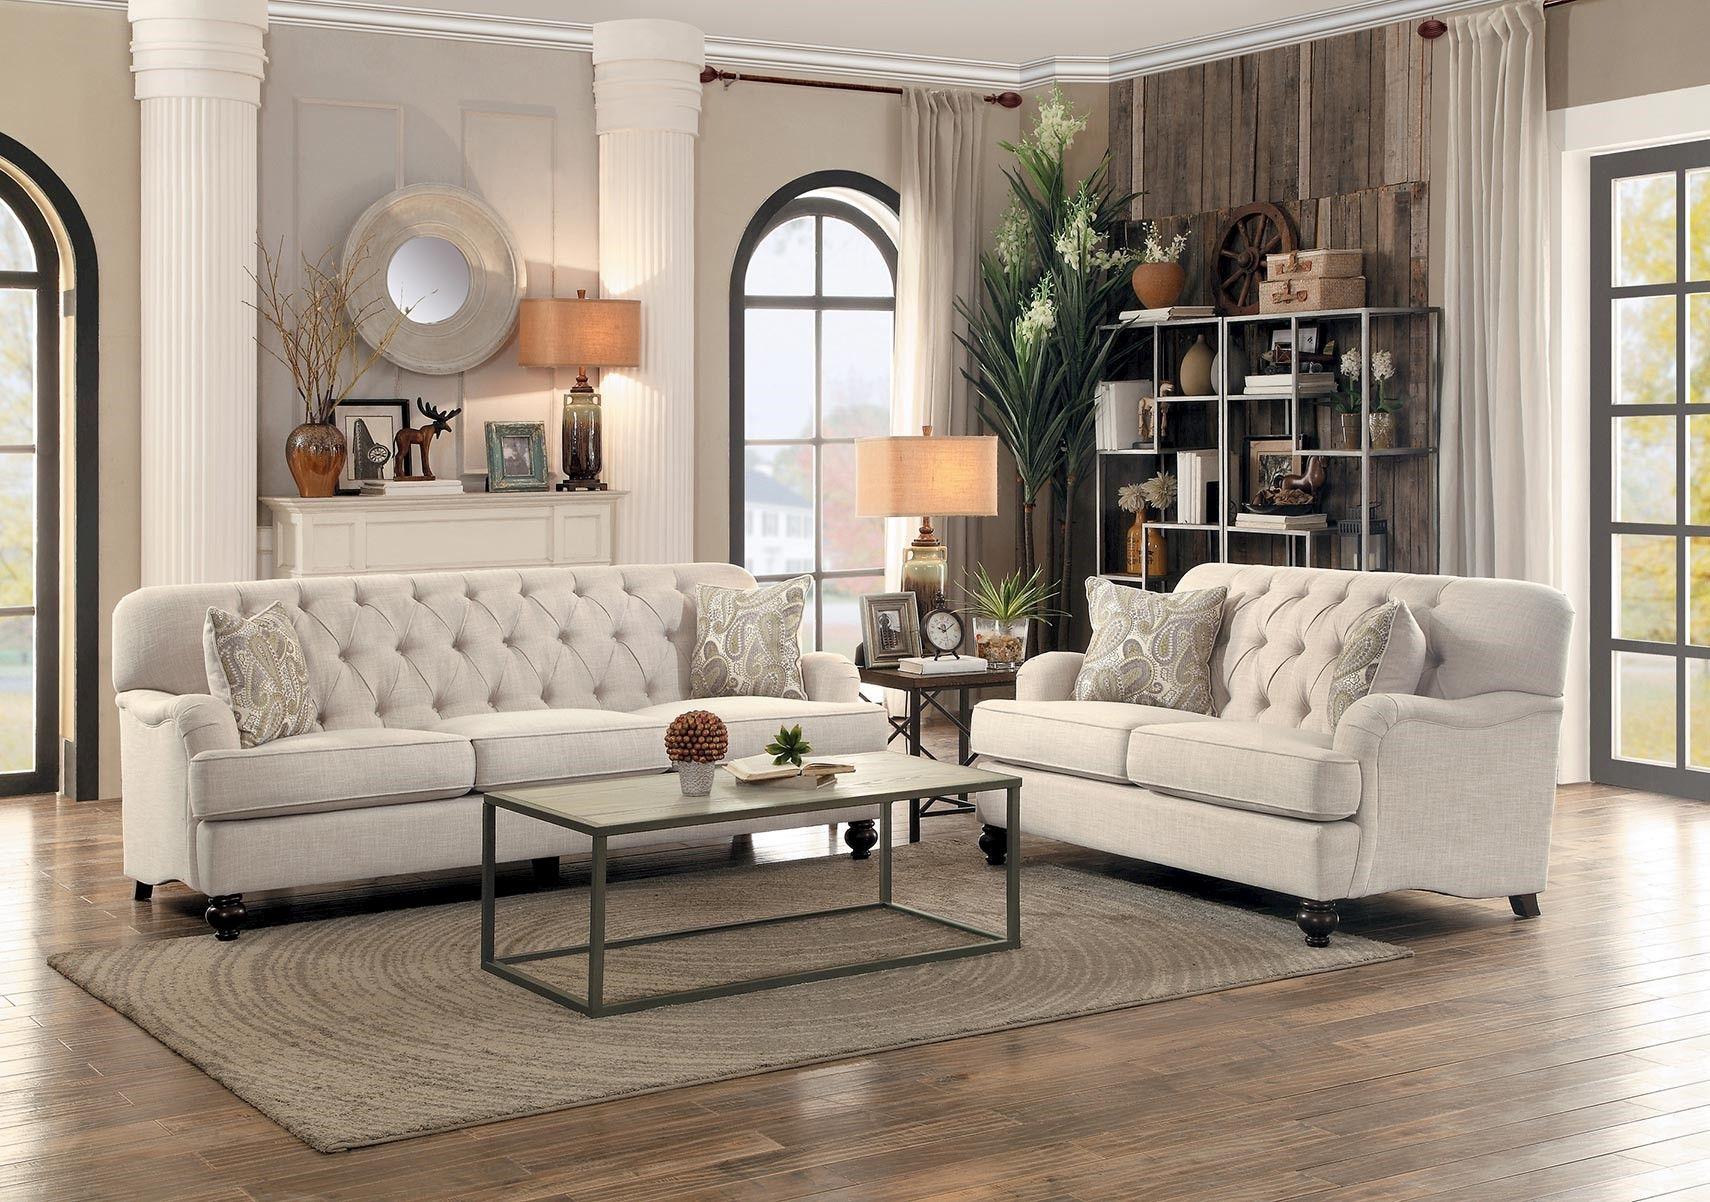 Lacks Abby 2 Pc Living Room Set Living Room Pillows Couches Living Room Traditional Living Room Furniture